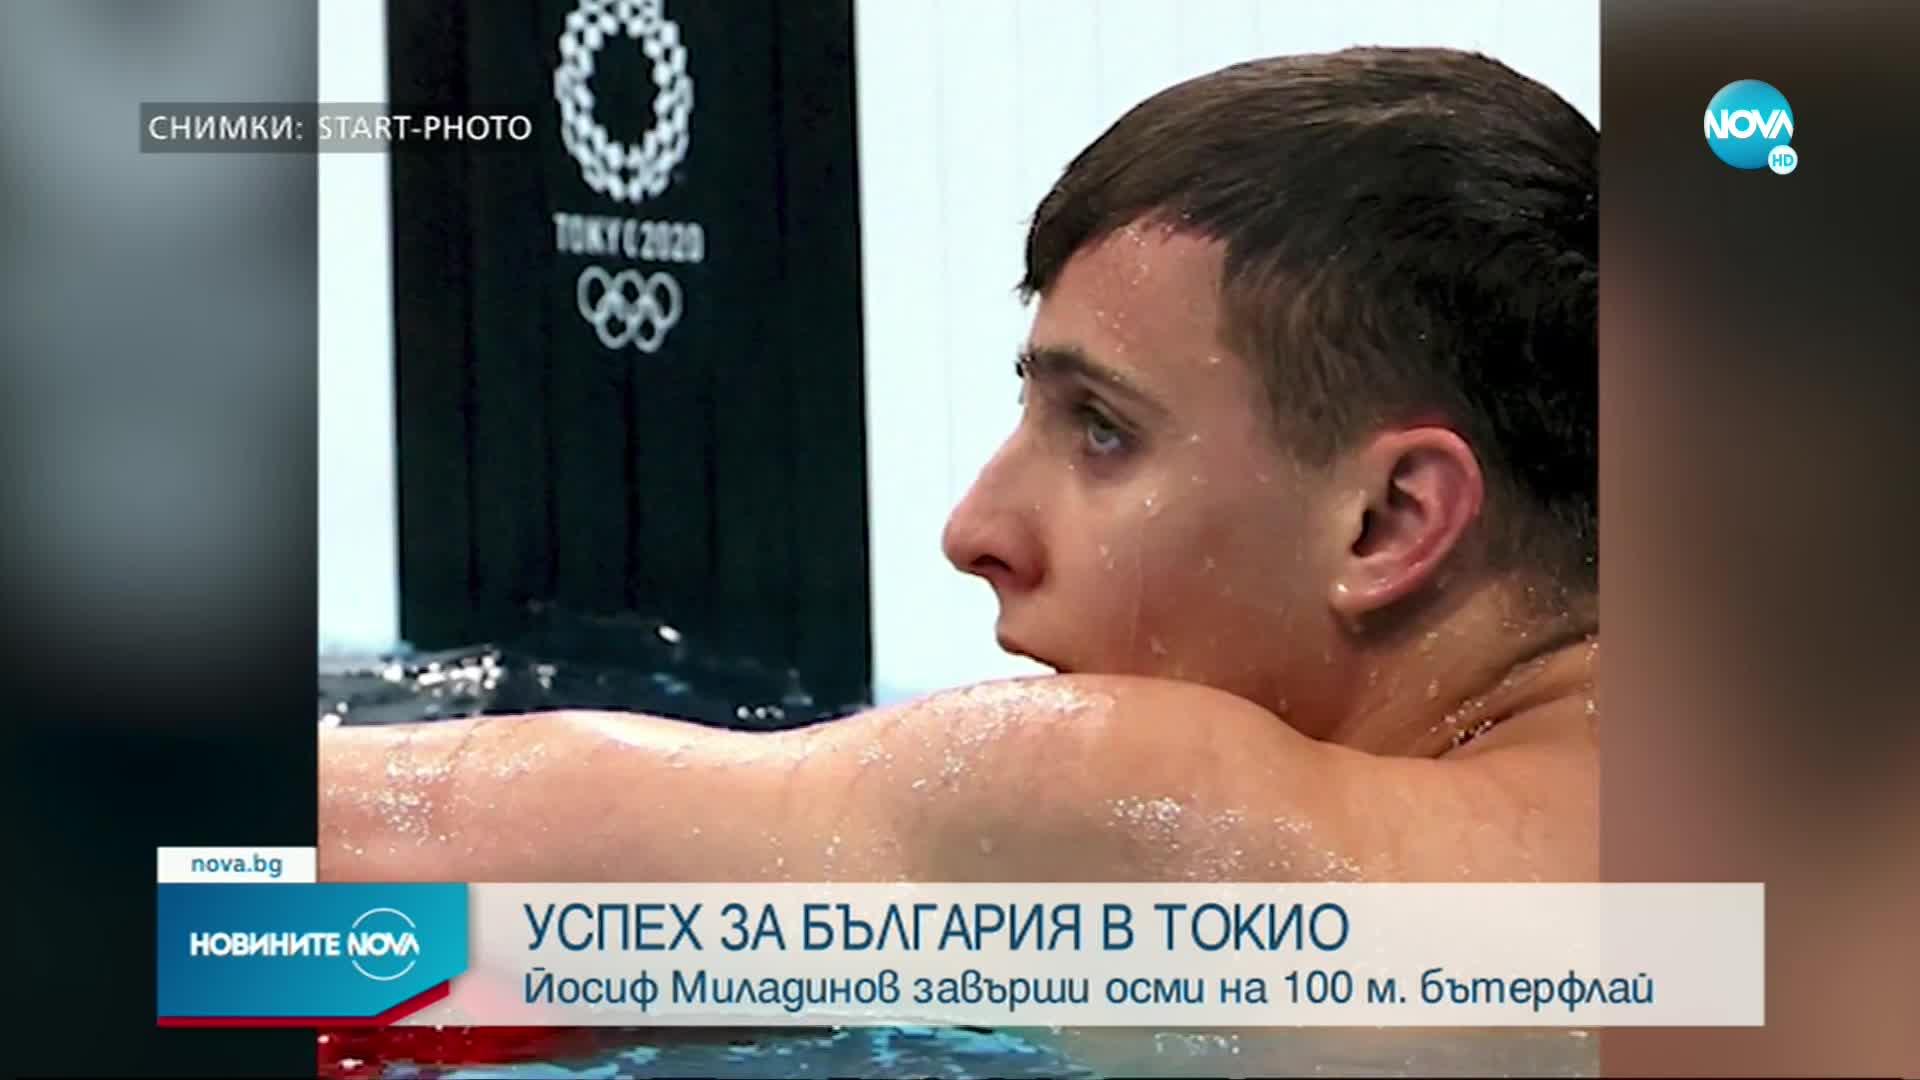 Йосиф Миладинов е осми на 100 м бътерфлай на Олимпиадата в Токио